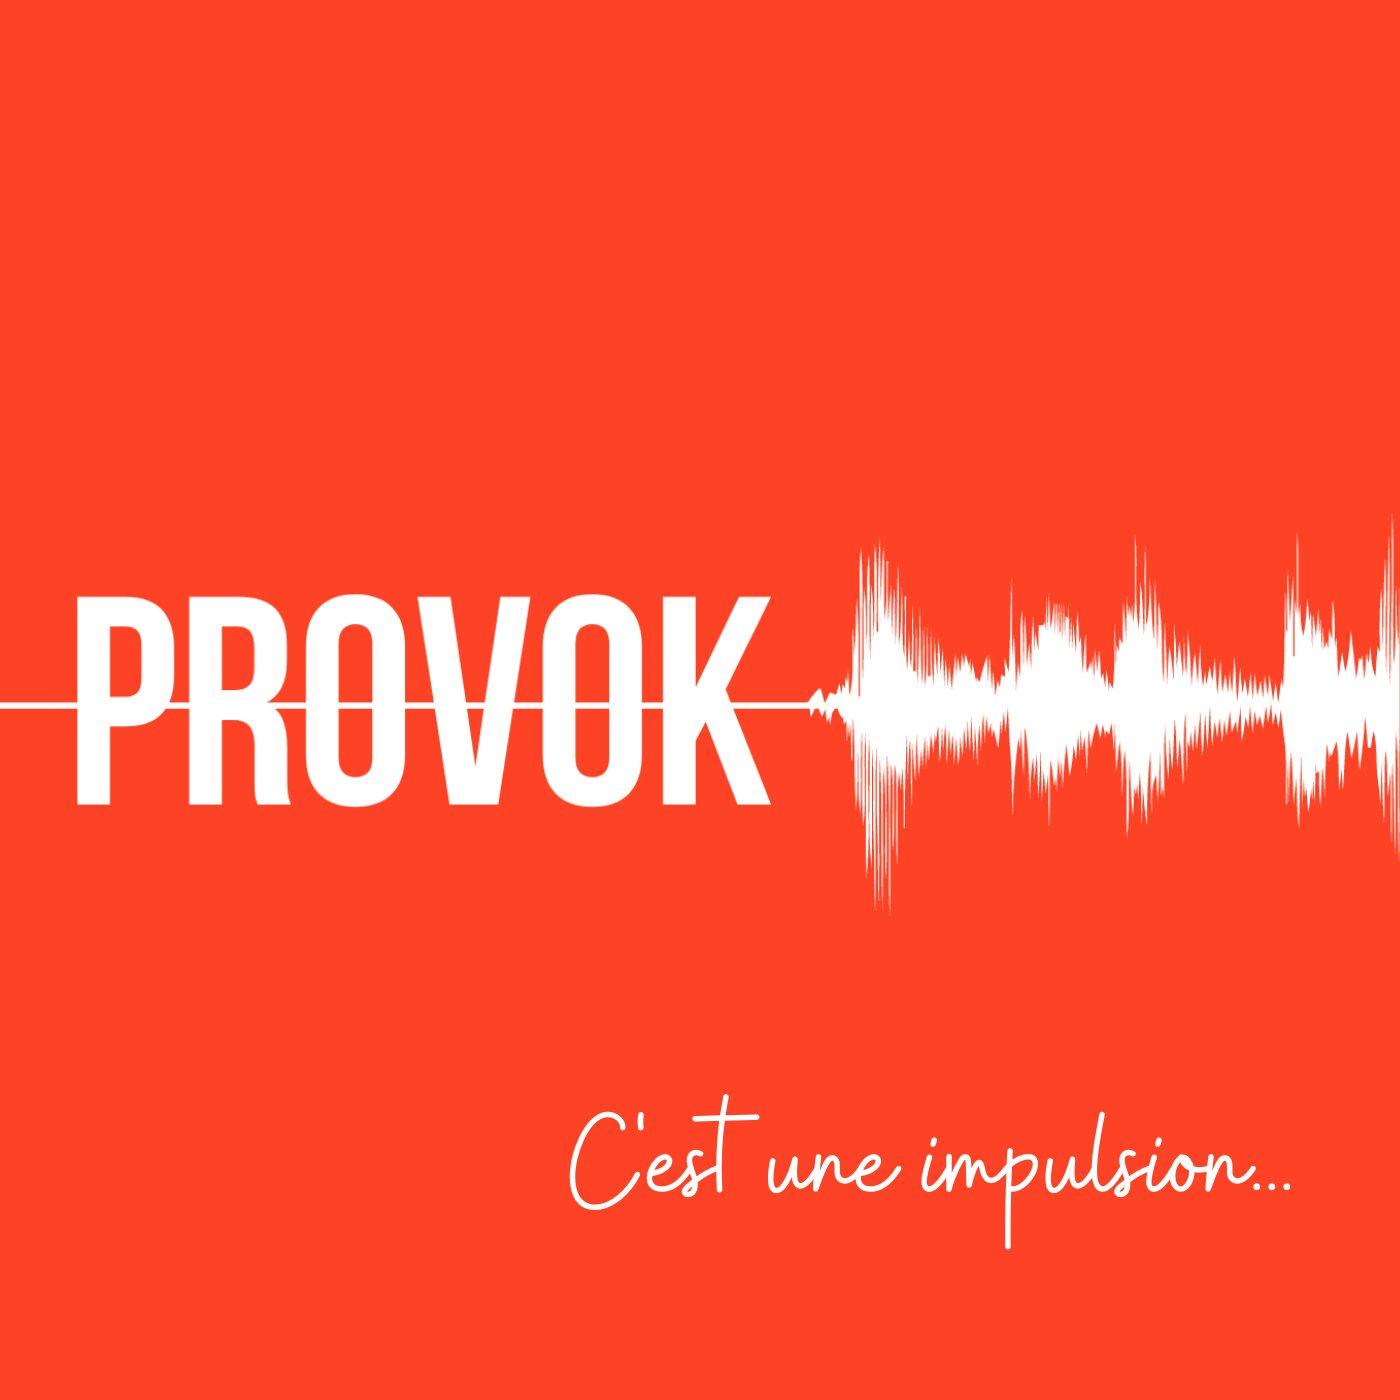 10. Savoir s'écouter pour rester un entrepreneur libre. Anne-Charlotte Vuccino, fondatrice de Yogist, Well at work.